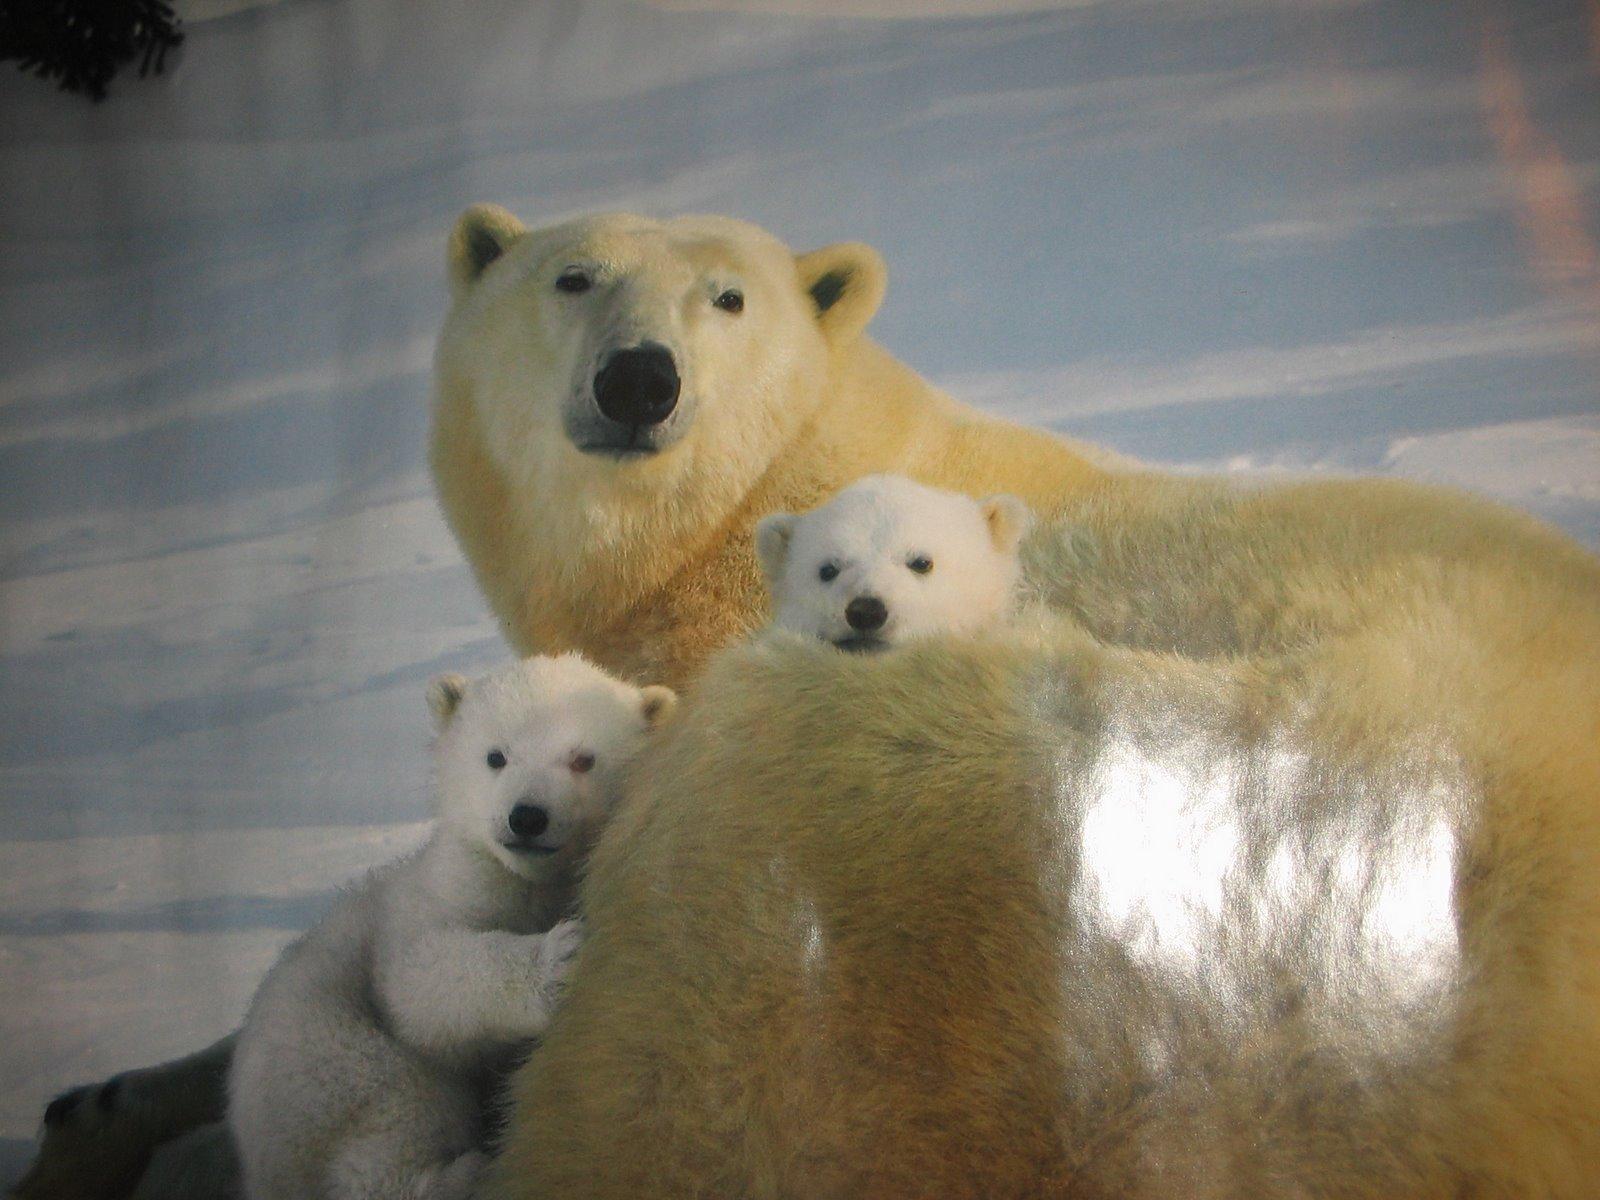 [isbjörn+007.jpg]